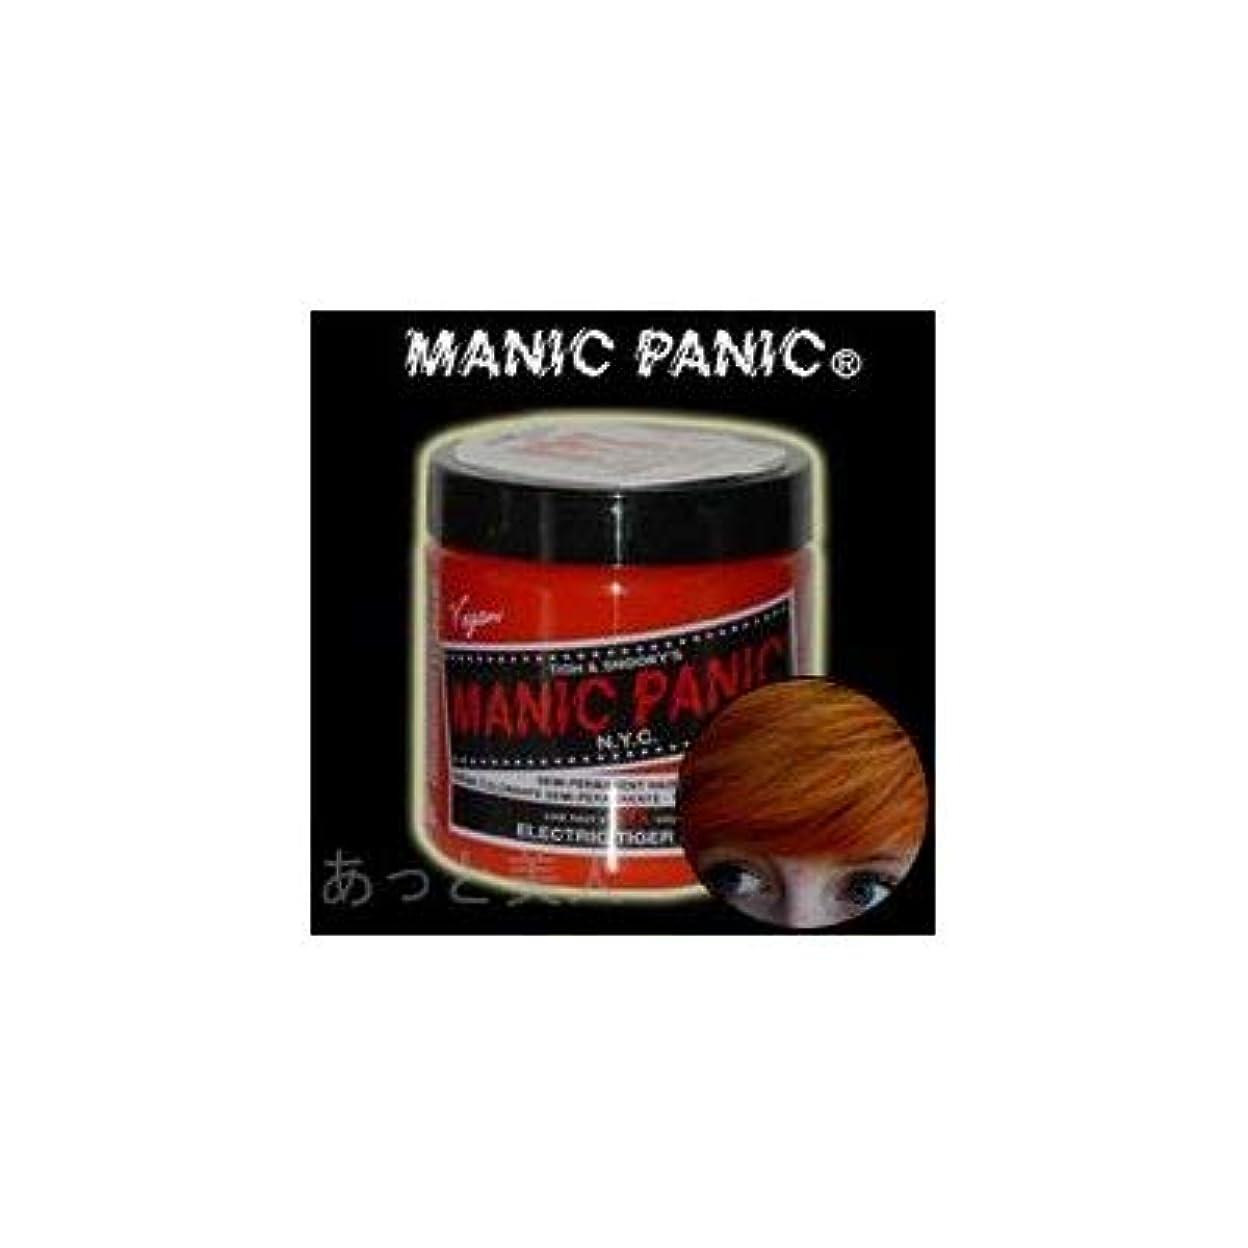 思い出させる秋媒染剤MANIC PANICマニックパニック エレクトリックタイガーリリー(Electric Tiger Lily)